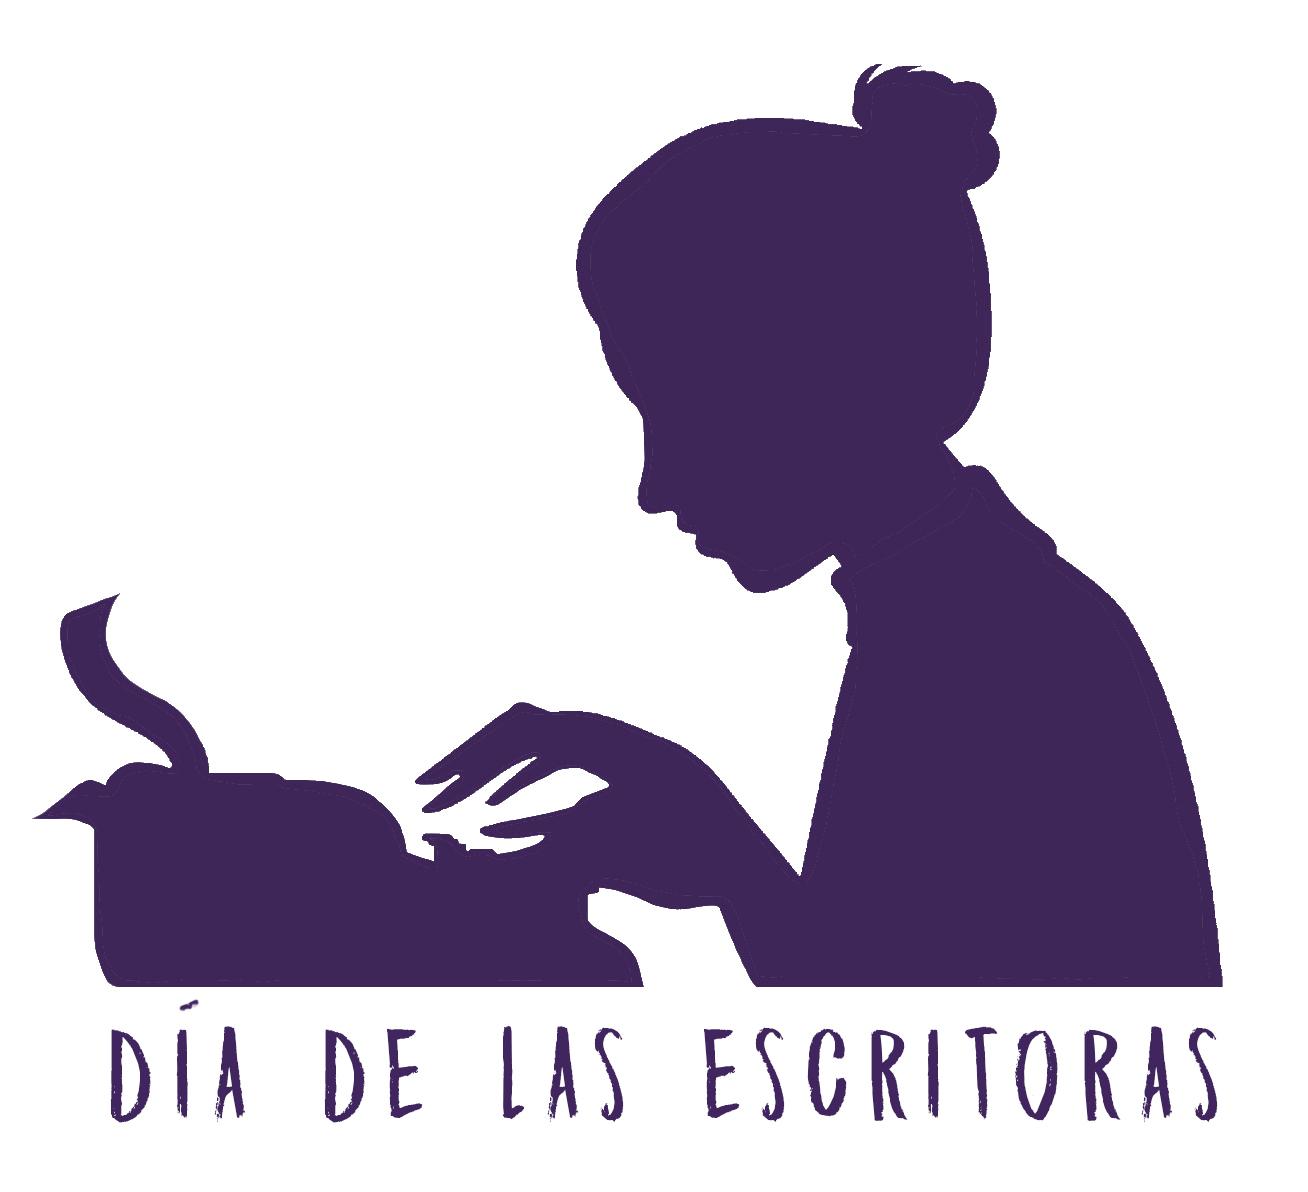 Gráfica Dia Escritoras Morado